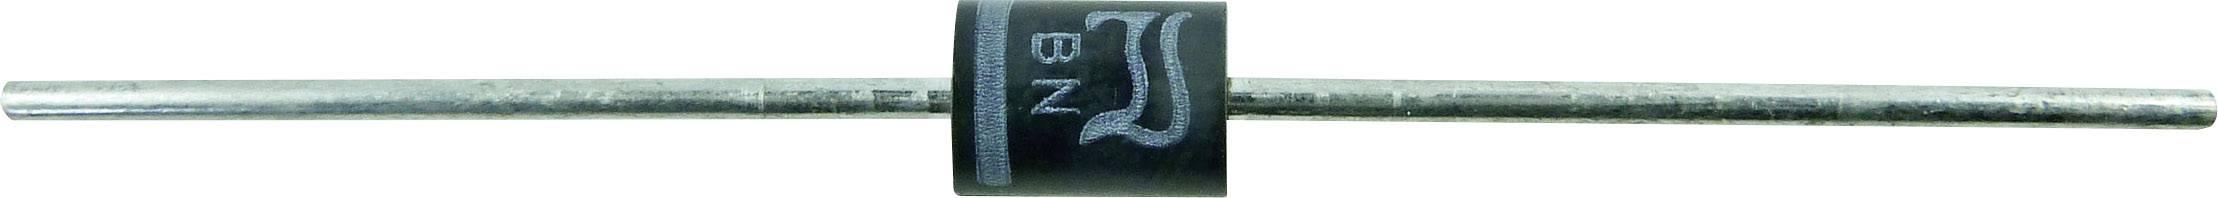 Kremíková usmerňovacia dióda Diotec BY550-100 BY550-100 DO-201AD, 5 A, 100 V